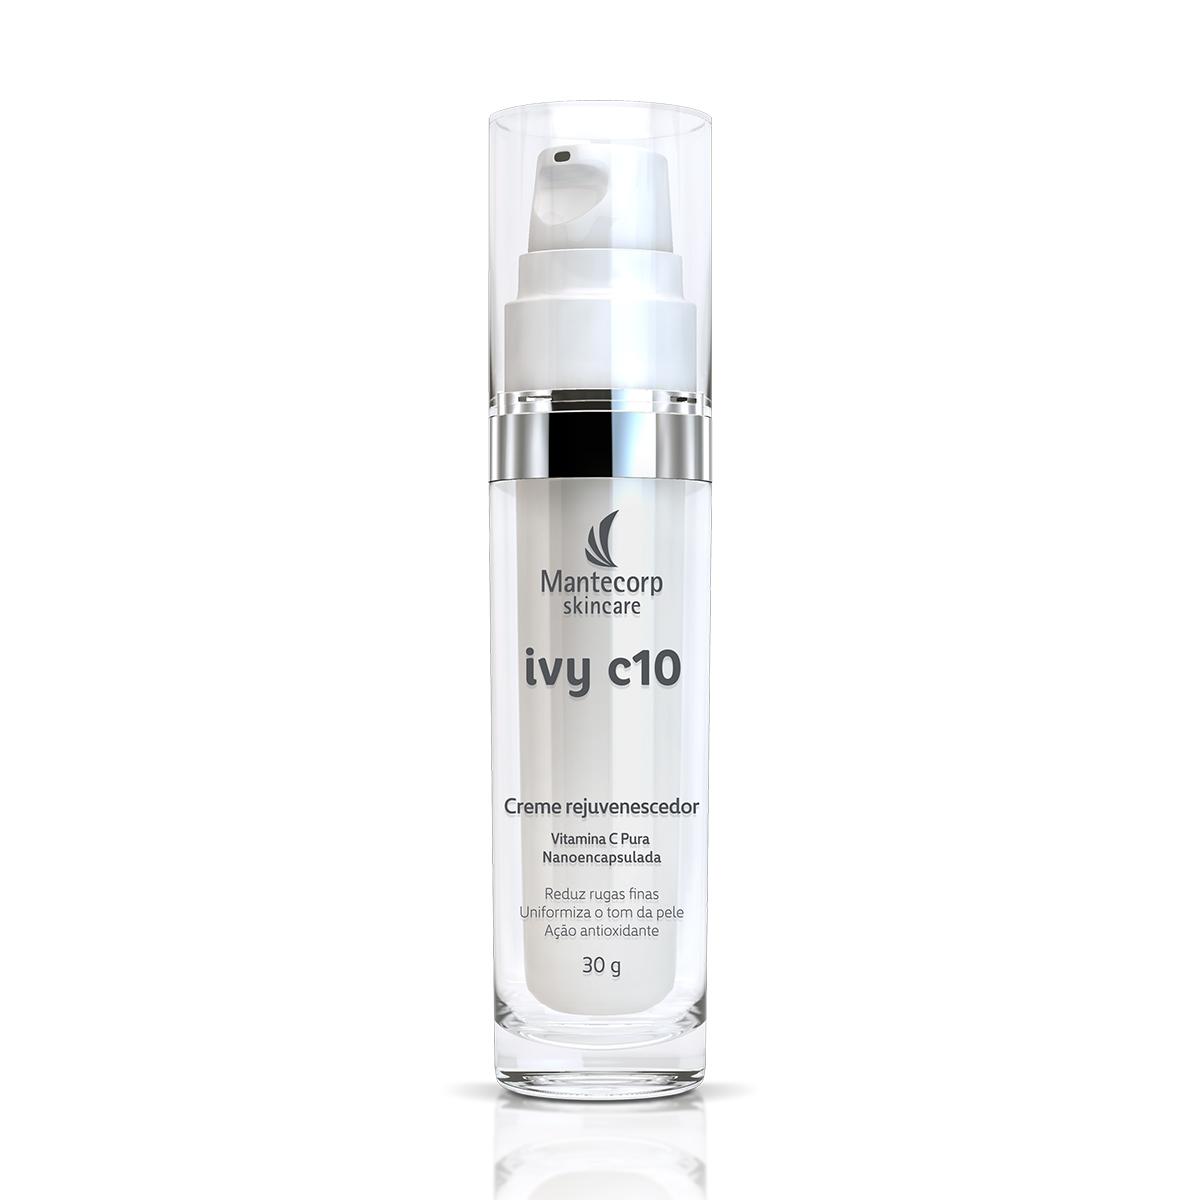 Creme Rejuvenescedor Facial Mantecorp Ivy C10 com 30g 30g